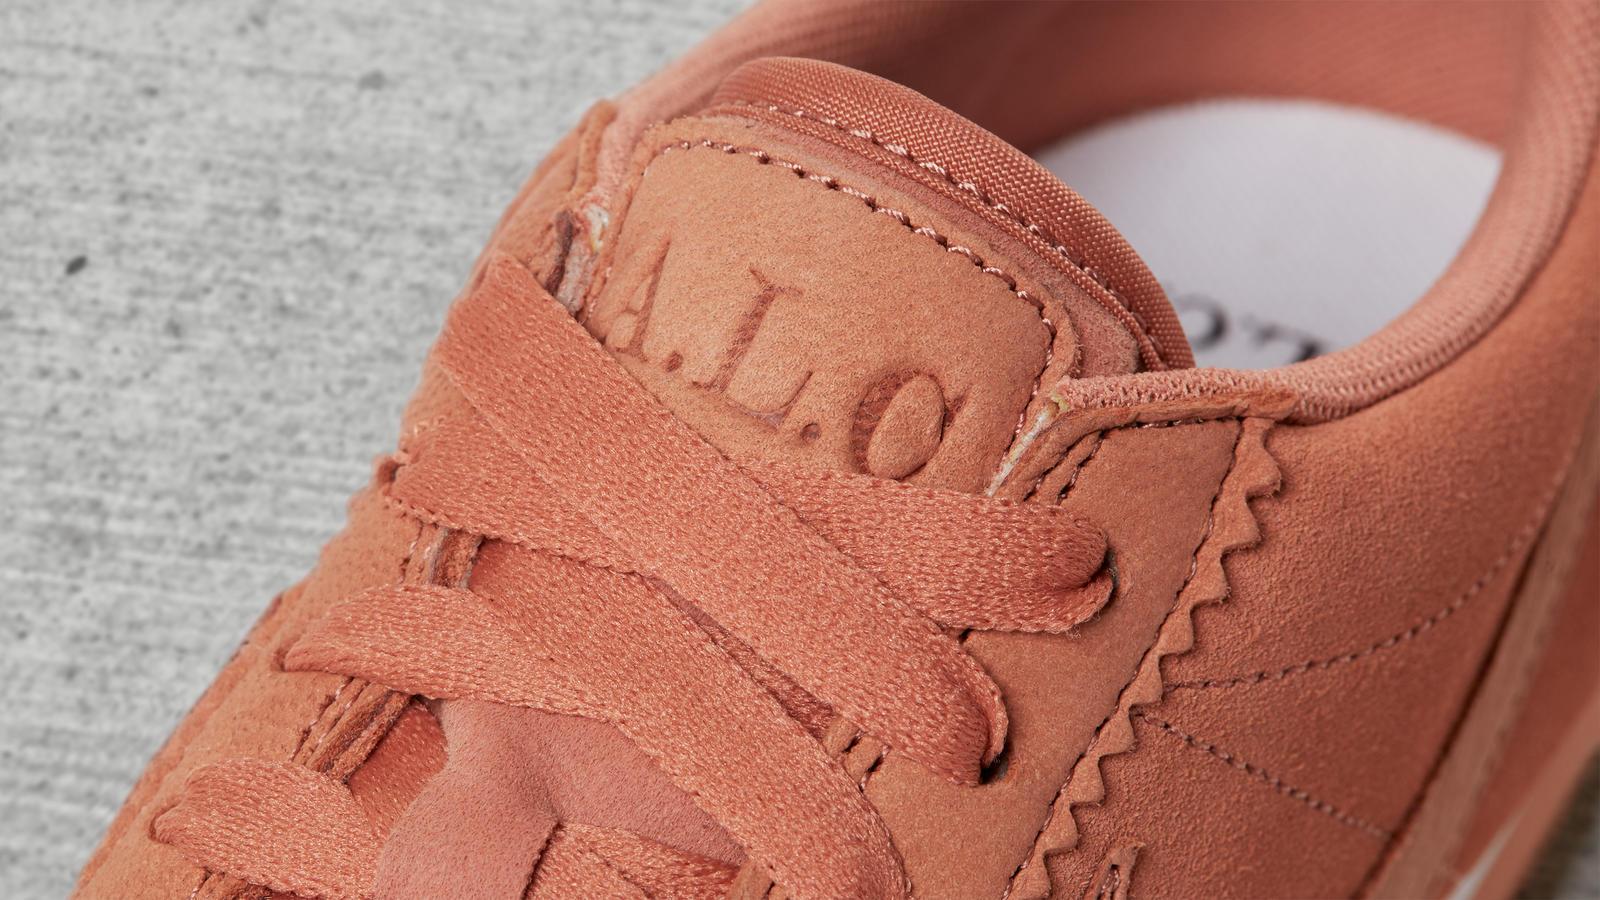 170519 footwear cortez alc pnk 0124 hd 1600